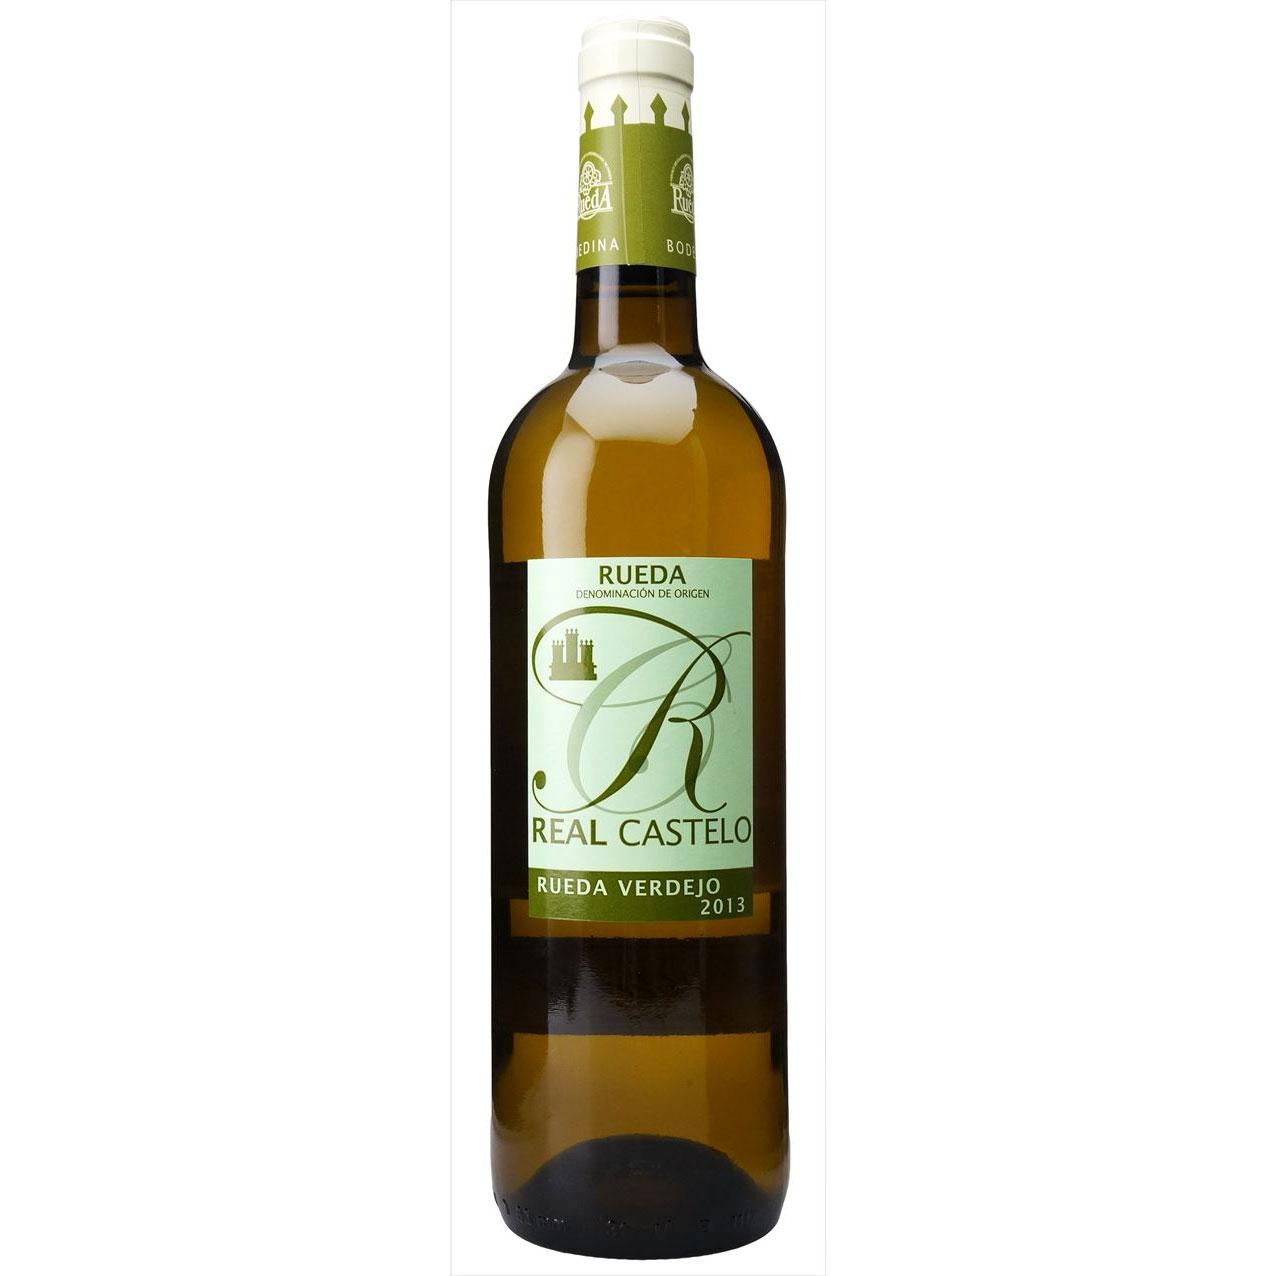 父の日 プレゼント ギフト レアル カステロ ボデガス カステロ デ メディナ 白 750ml 12本 スペイン ルエダ 白ワイン コンビニ受取対応商品 ヴィンテージ管理しておりません、変わる場合があります ラッキーシール対応